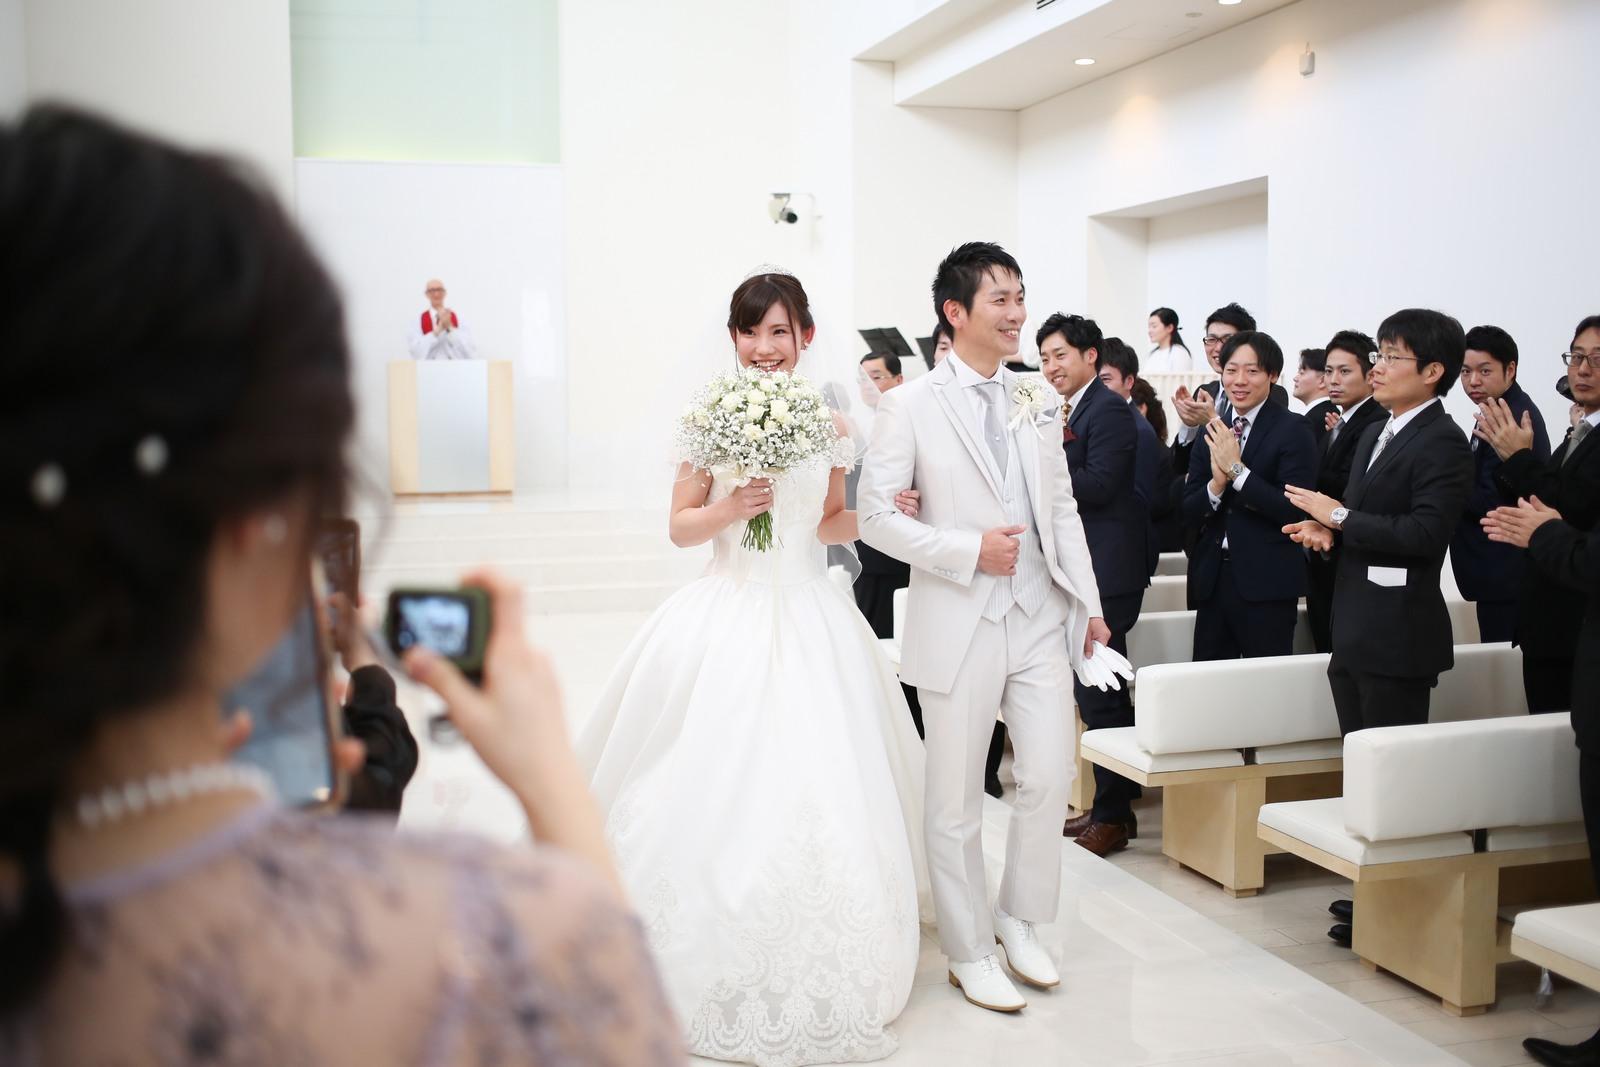 徳島市の結婚式場ブランアンジュでチャペルから退場する新郎新婦